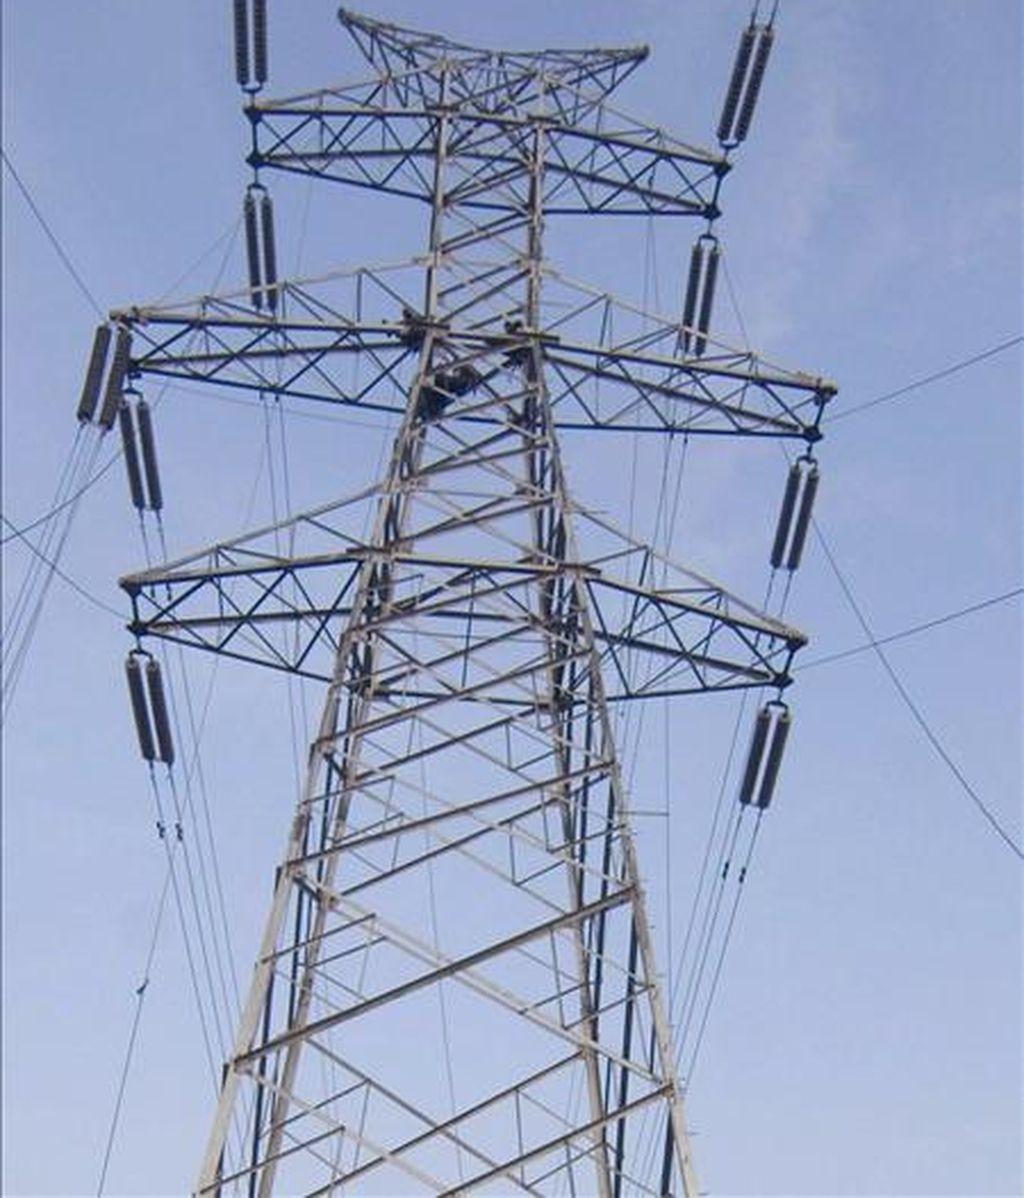 En la imagen, una torre de electricidad. EFE/Archivo